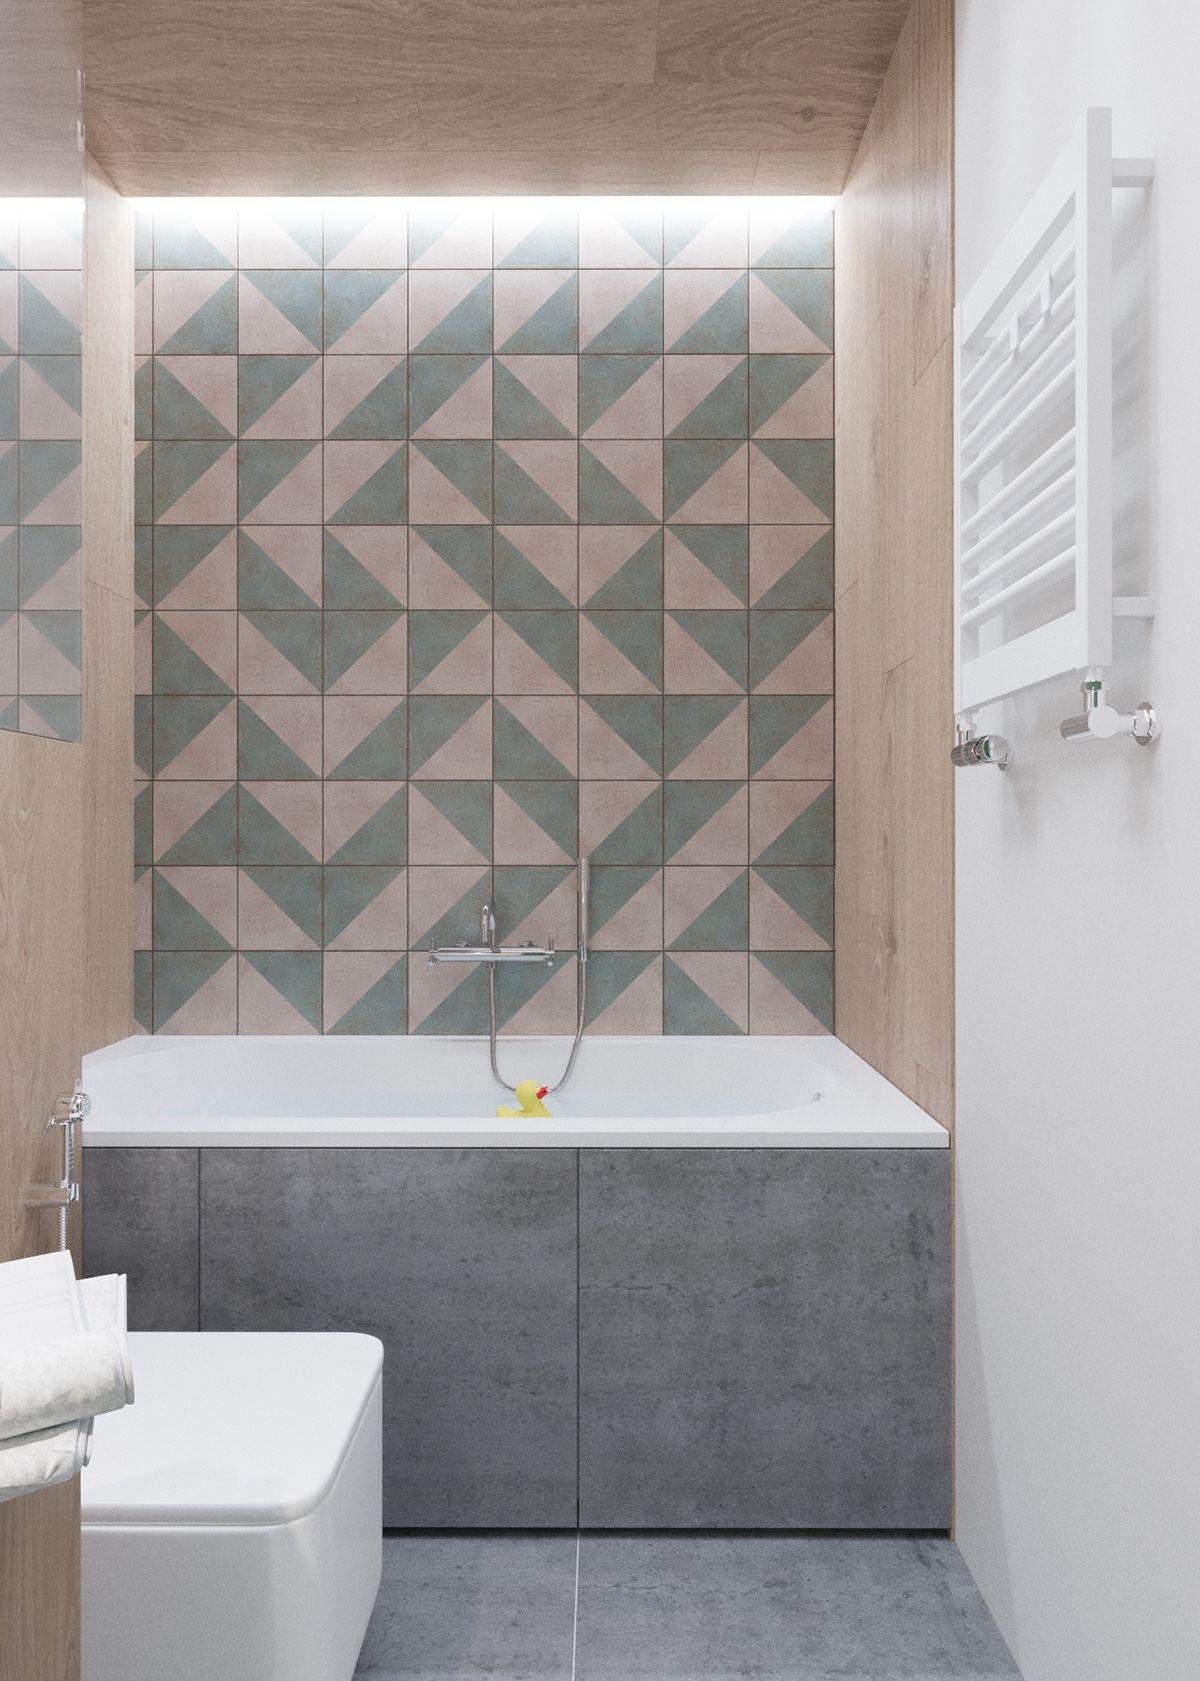 hexagonal wall pattern design